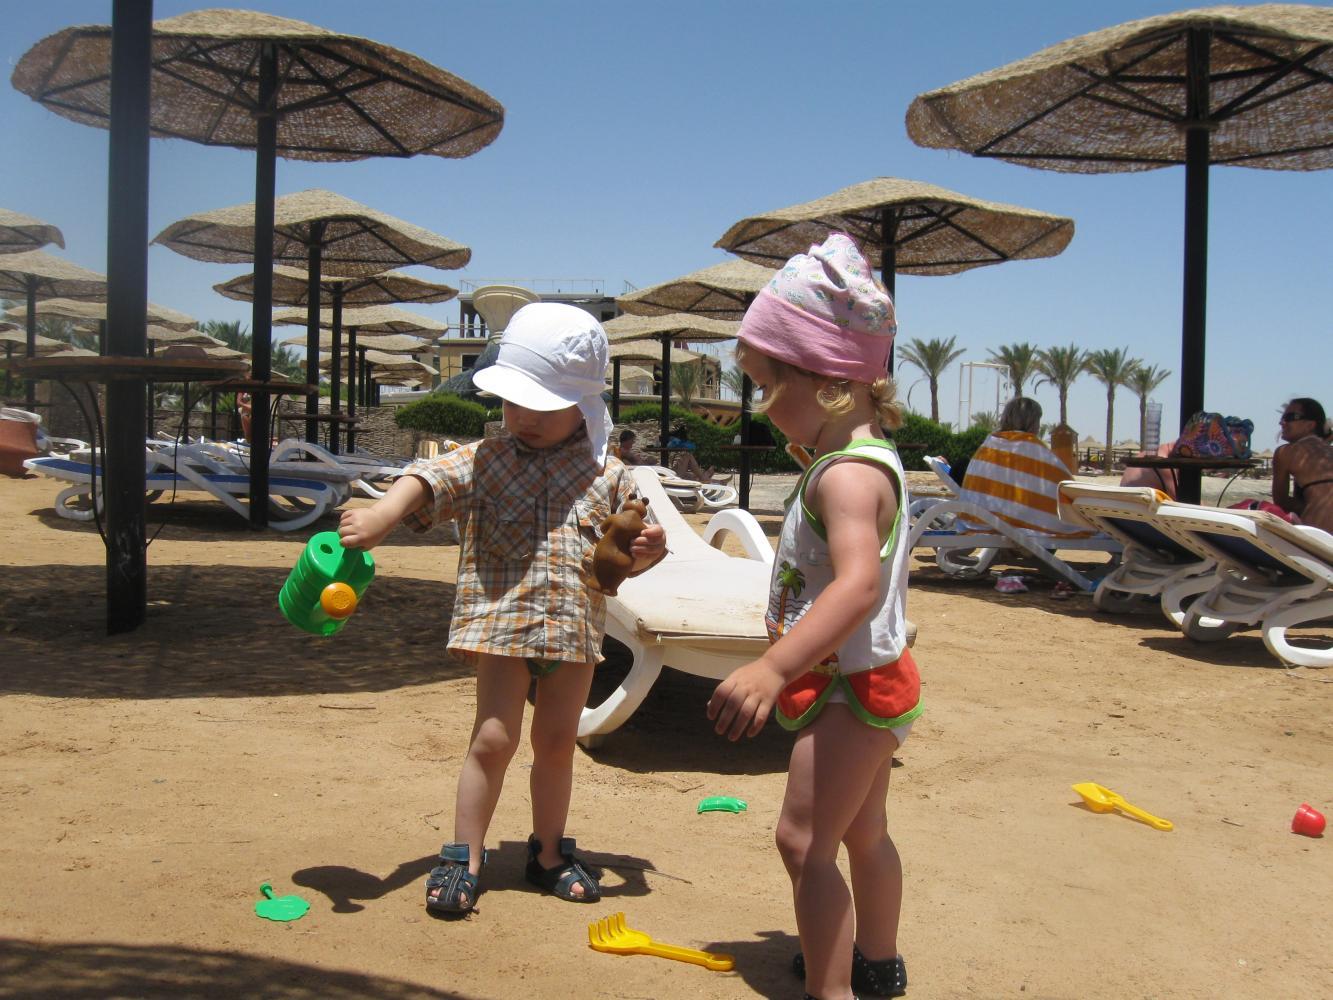 Наш ребенок играет на пляже